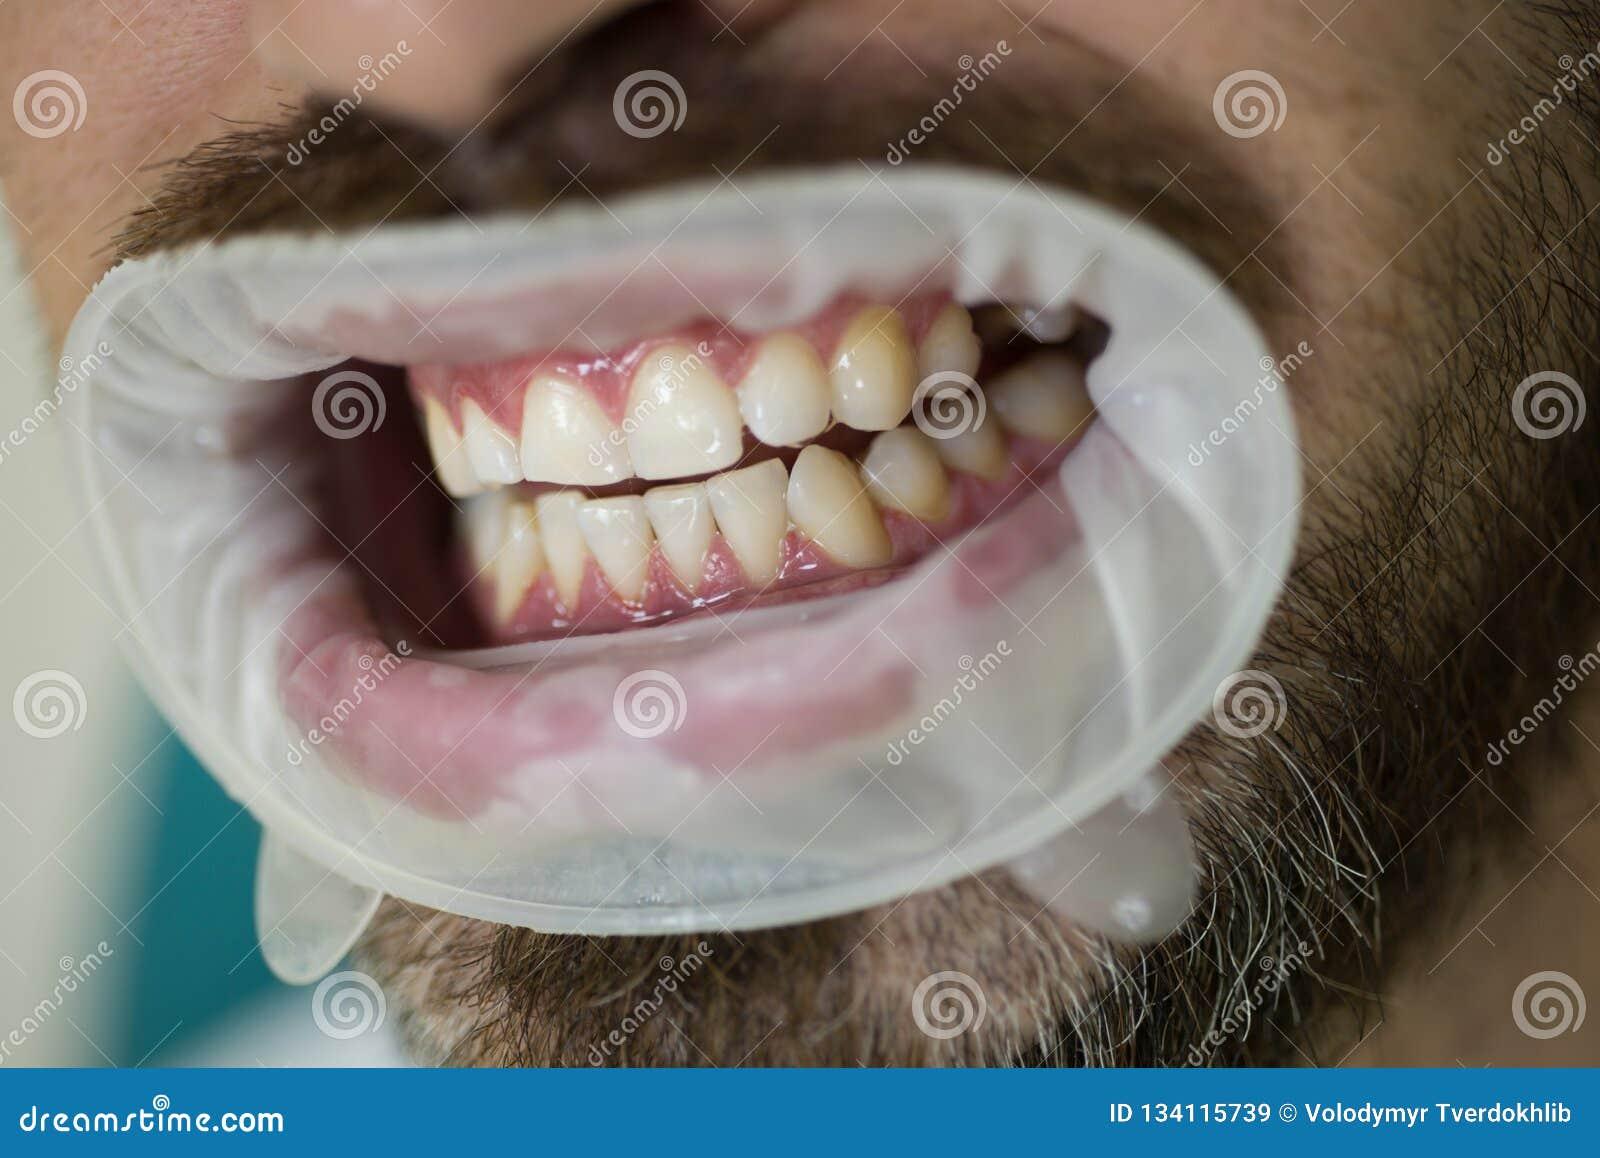 Jeune Homme Choisissant La Couleur Des Dents Au Dentiste De Female